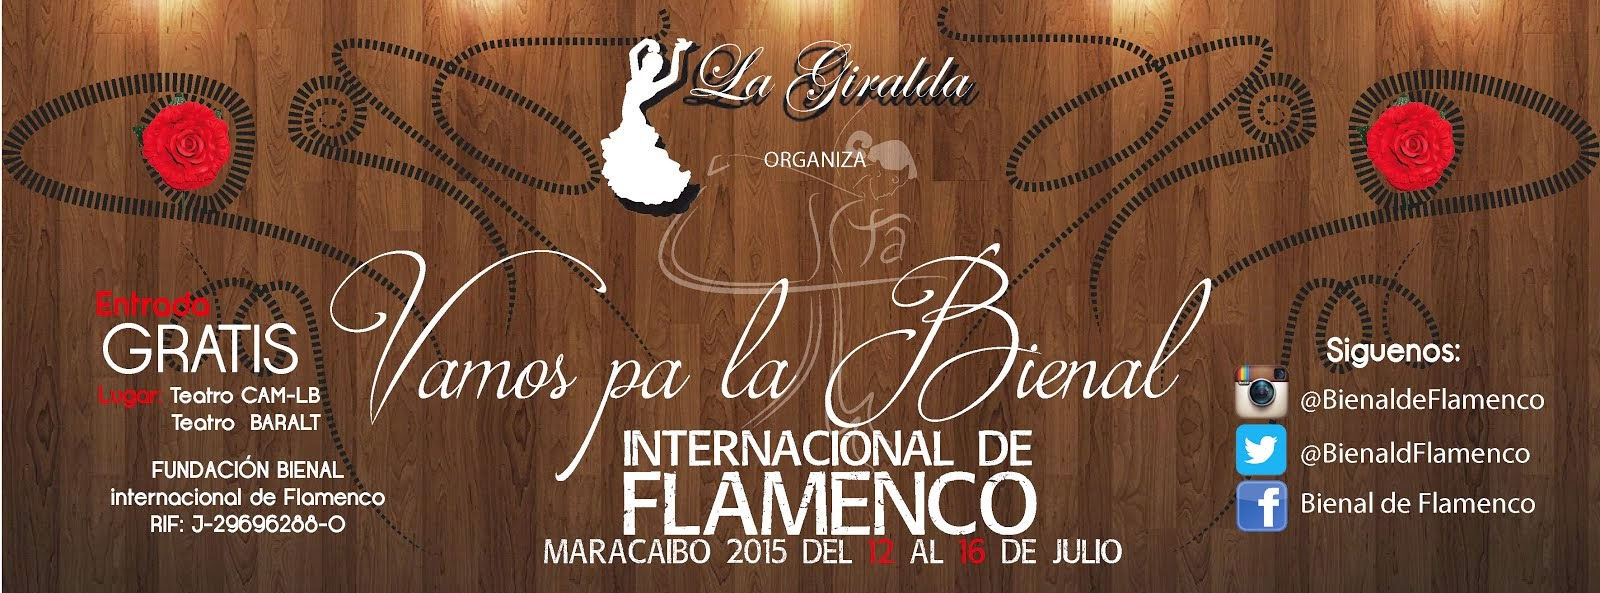 Fundación Bienal Internacional de Flamenco